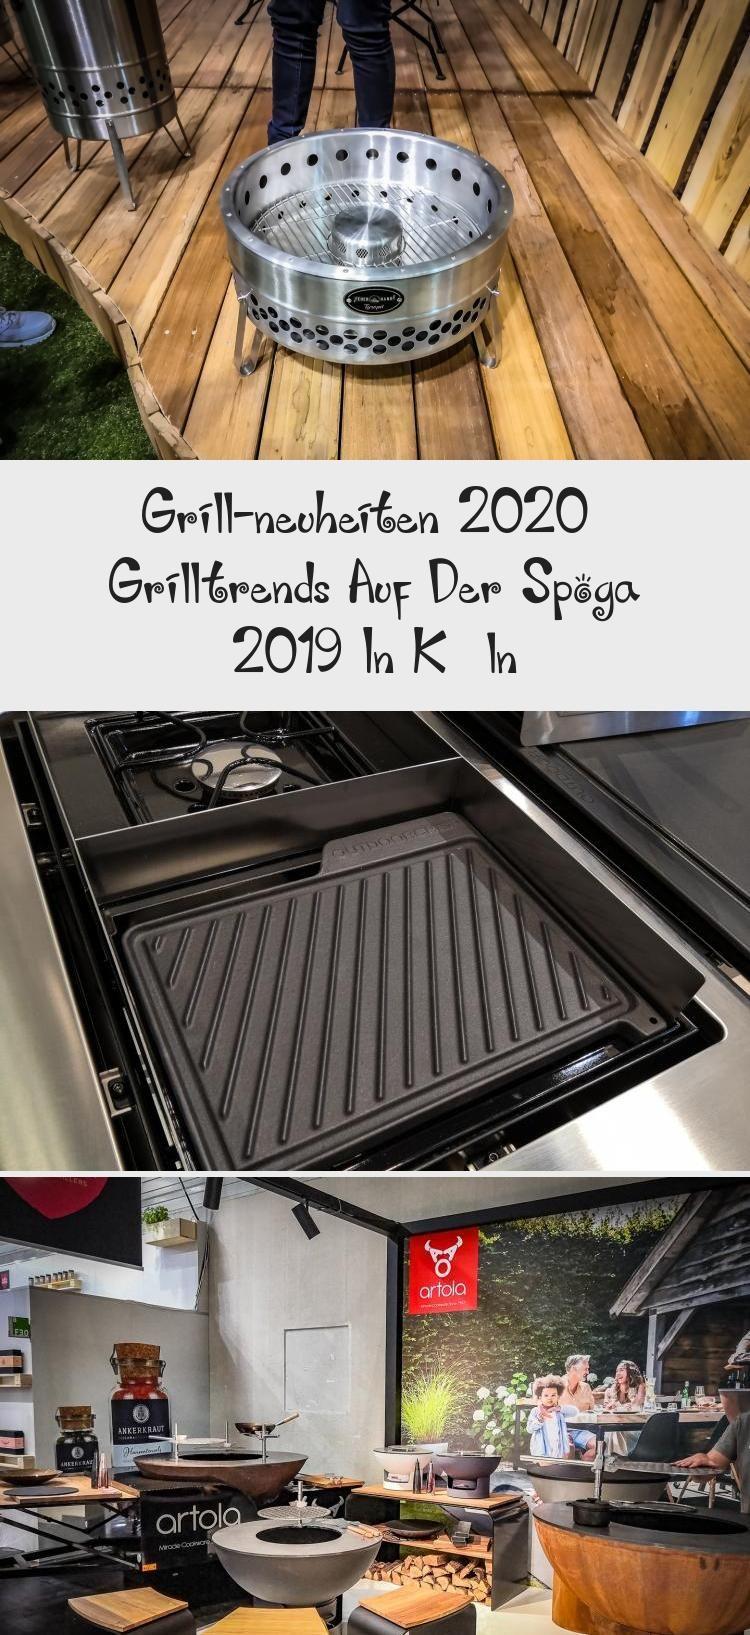 Grill Neuheiten 2020 Grilltrends Auf Der Spoga 2019 In Koln In 2020 Garten Ideen Garten